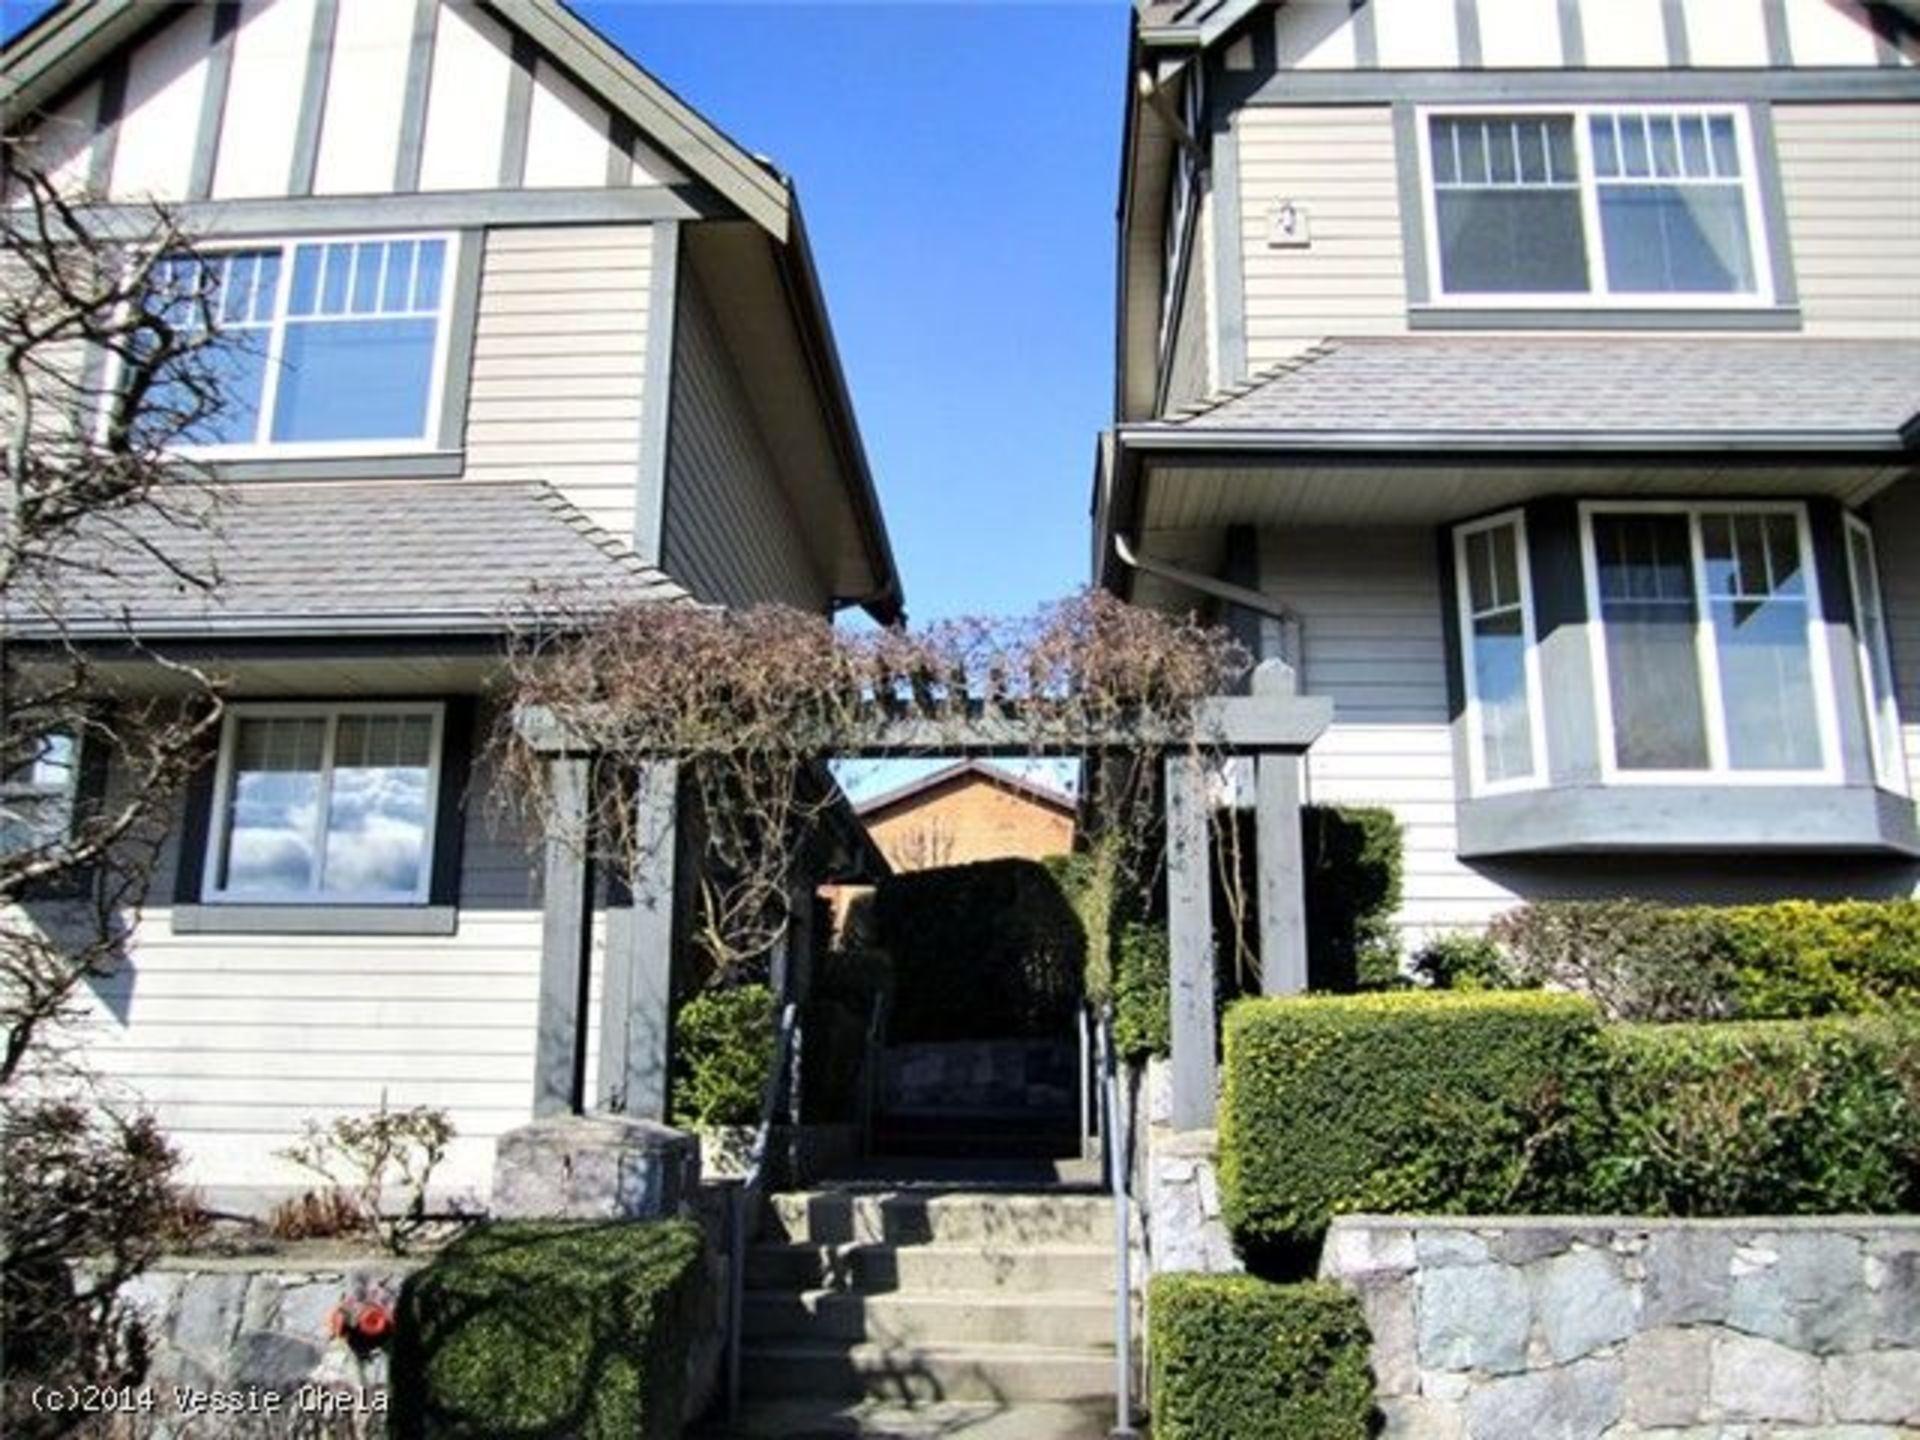 V1054577_101_9415335ed64daf8c at 277 Keith Road, North Vancouver